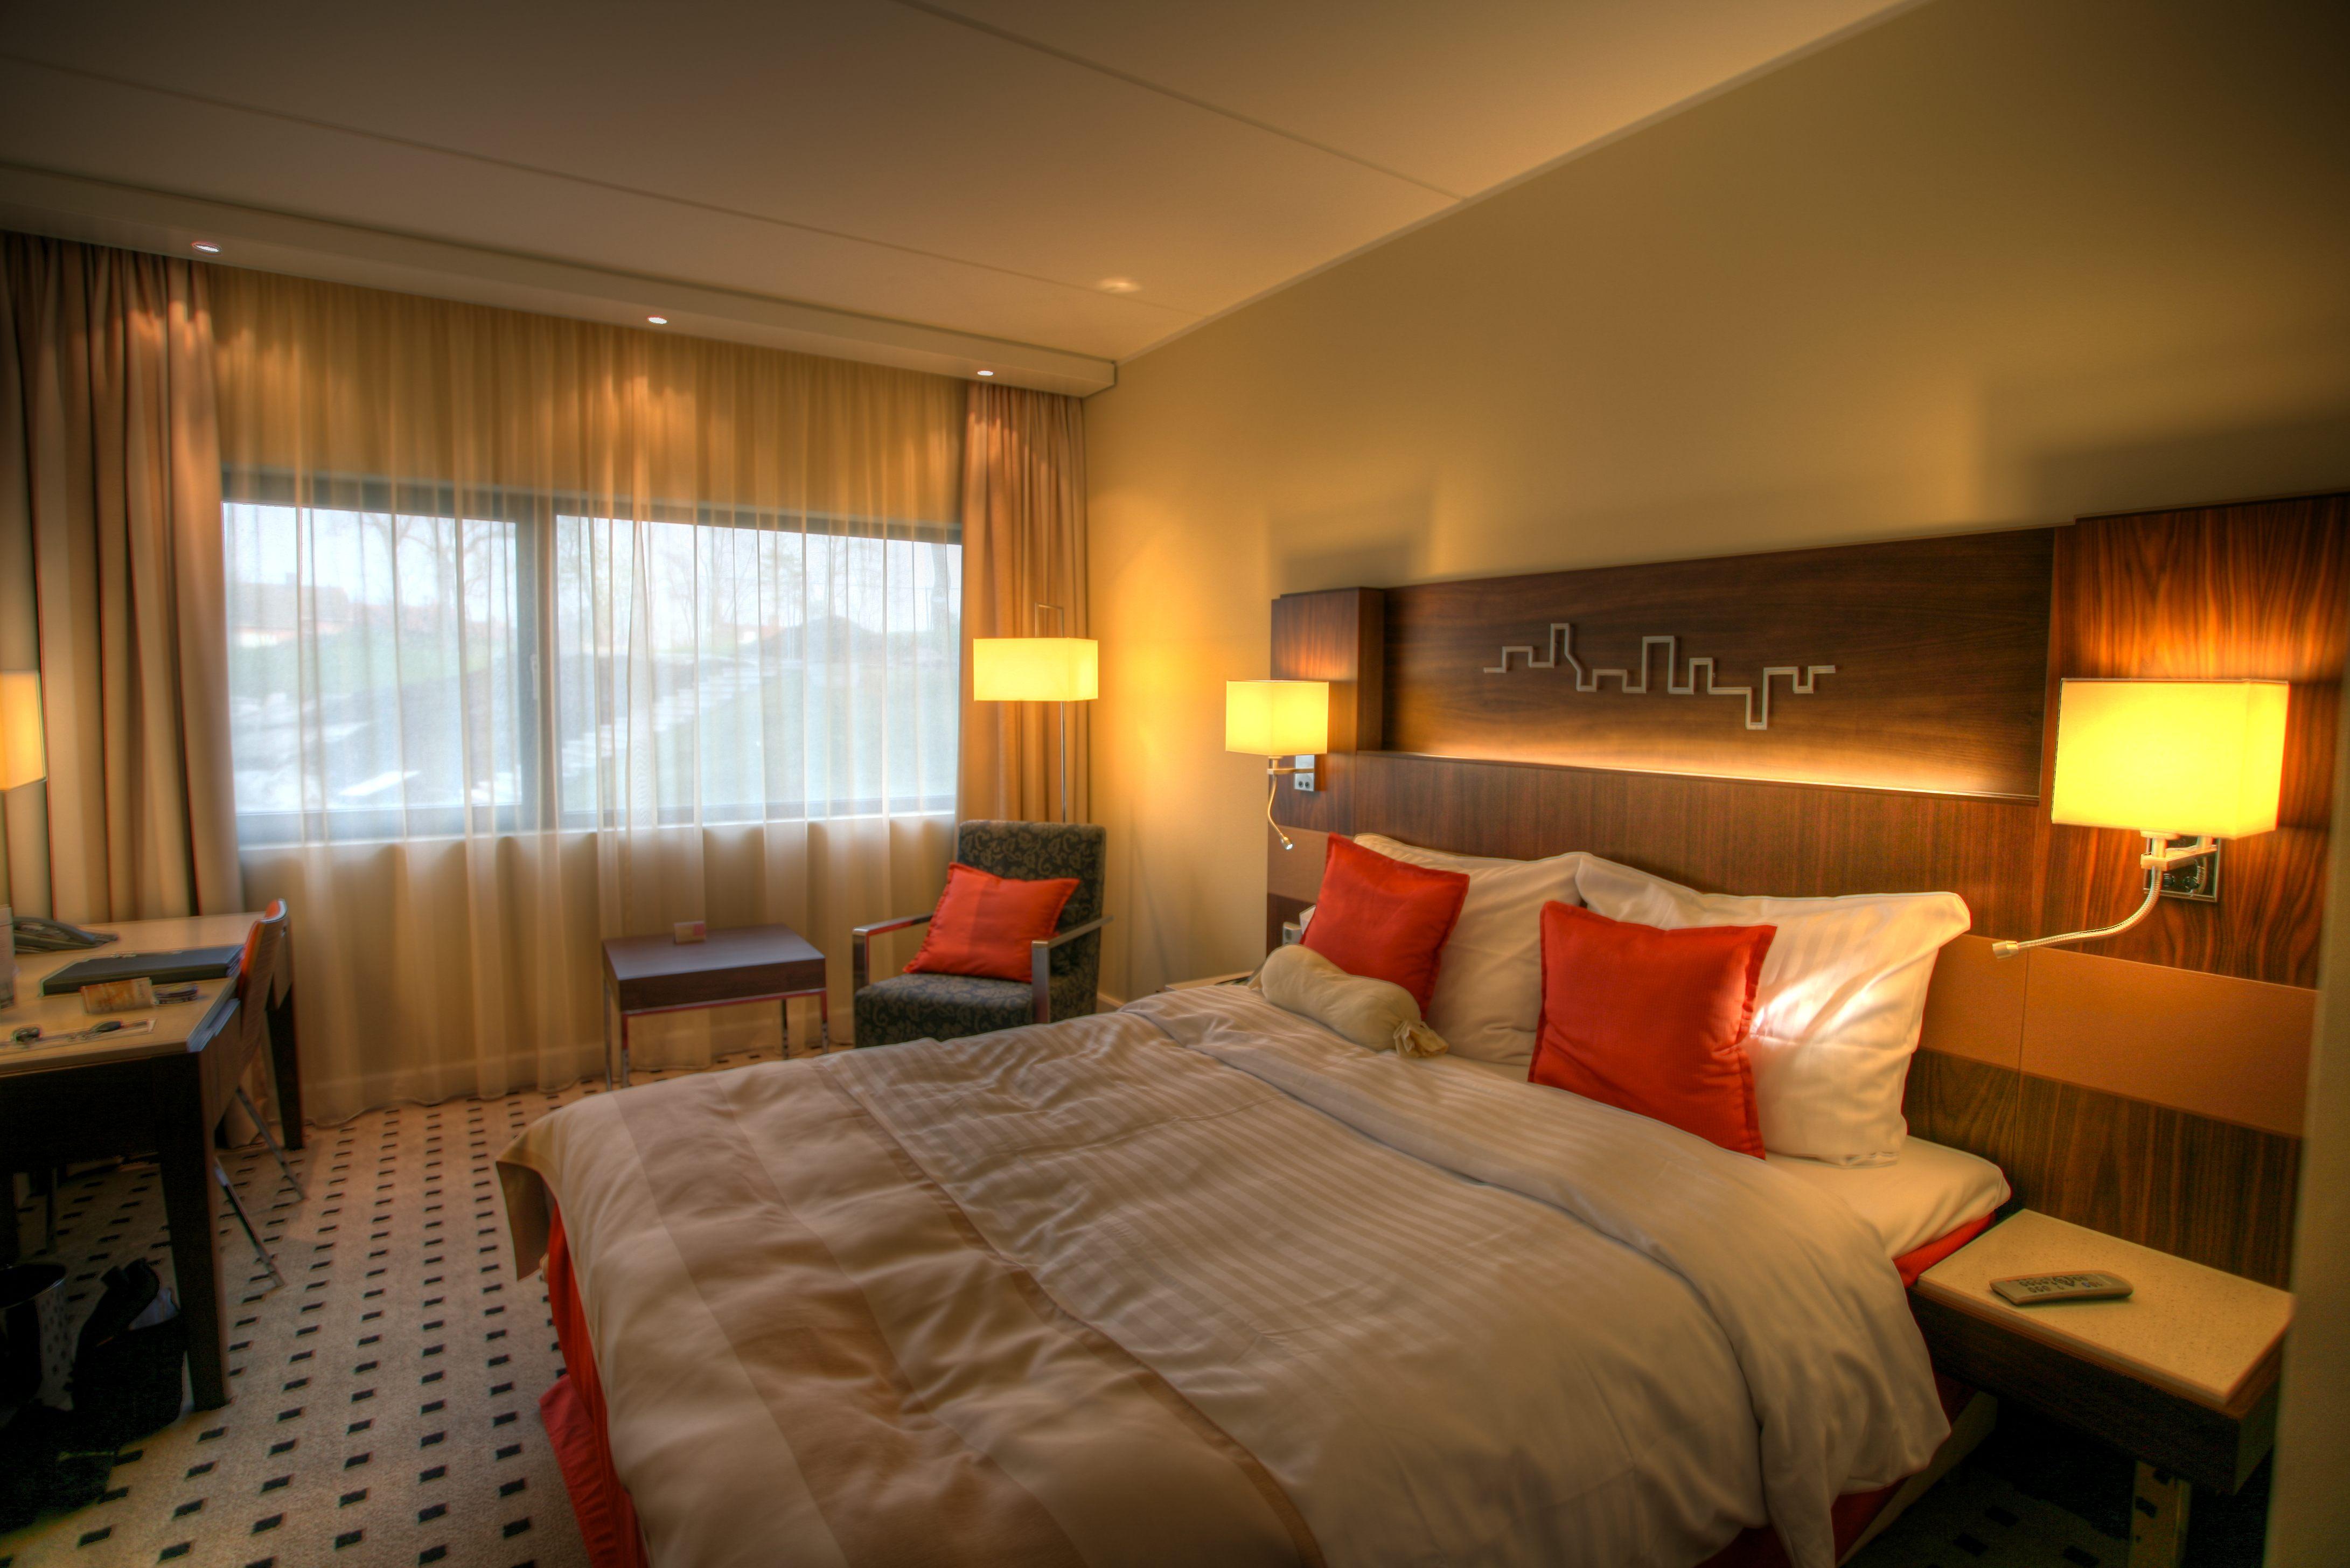 Leuchten SAS Hotel - Fredrikstad